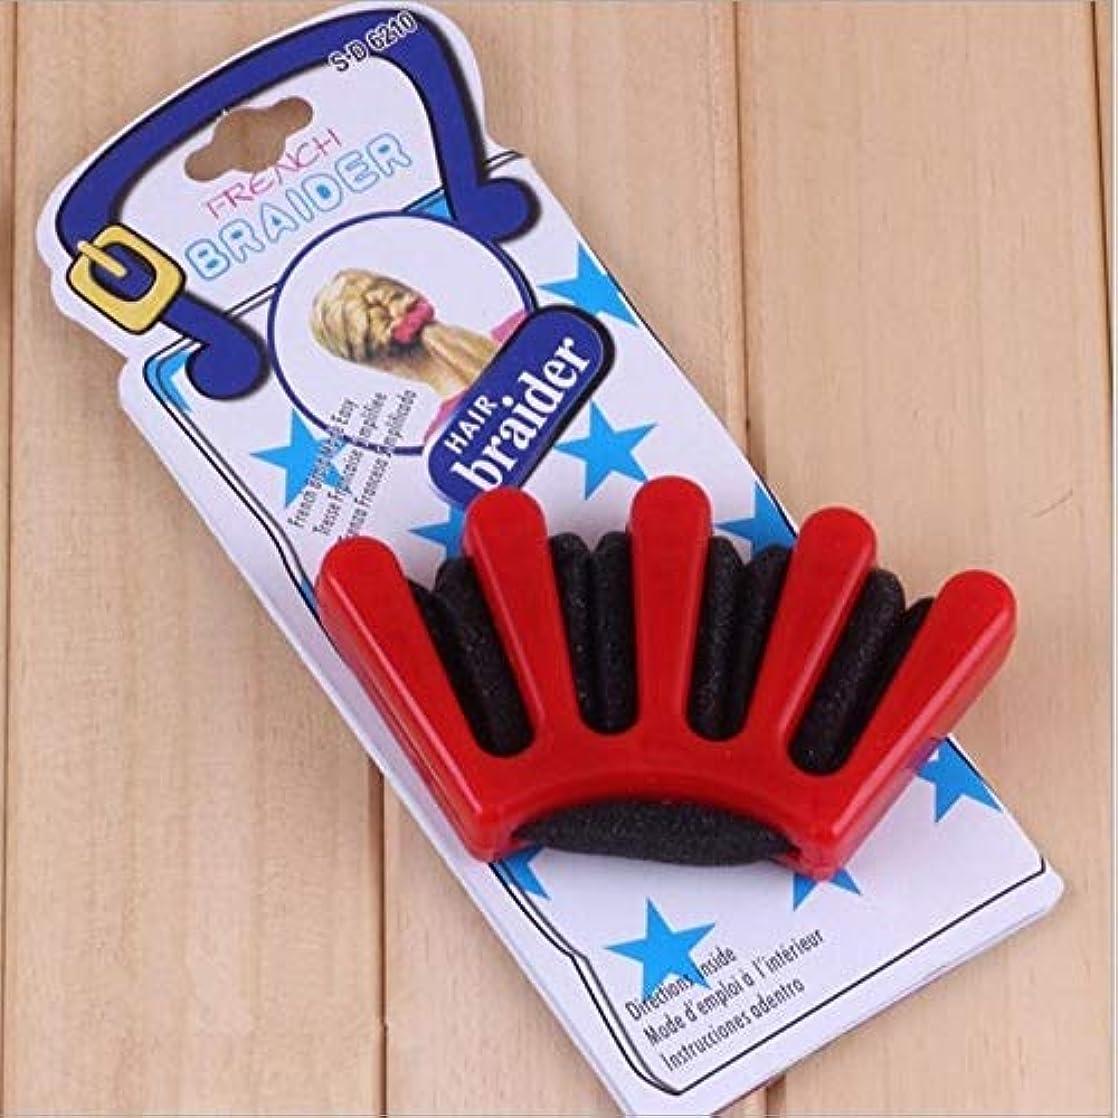 WTYD 美容ヘアツール 24ピースヘアブレイドスタイルスポンジ編みヘアツイストスタイリング編組ツールホルダークリップ(ブルー) (色 : Red)